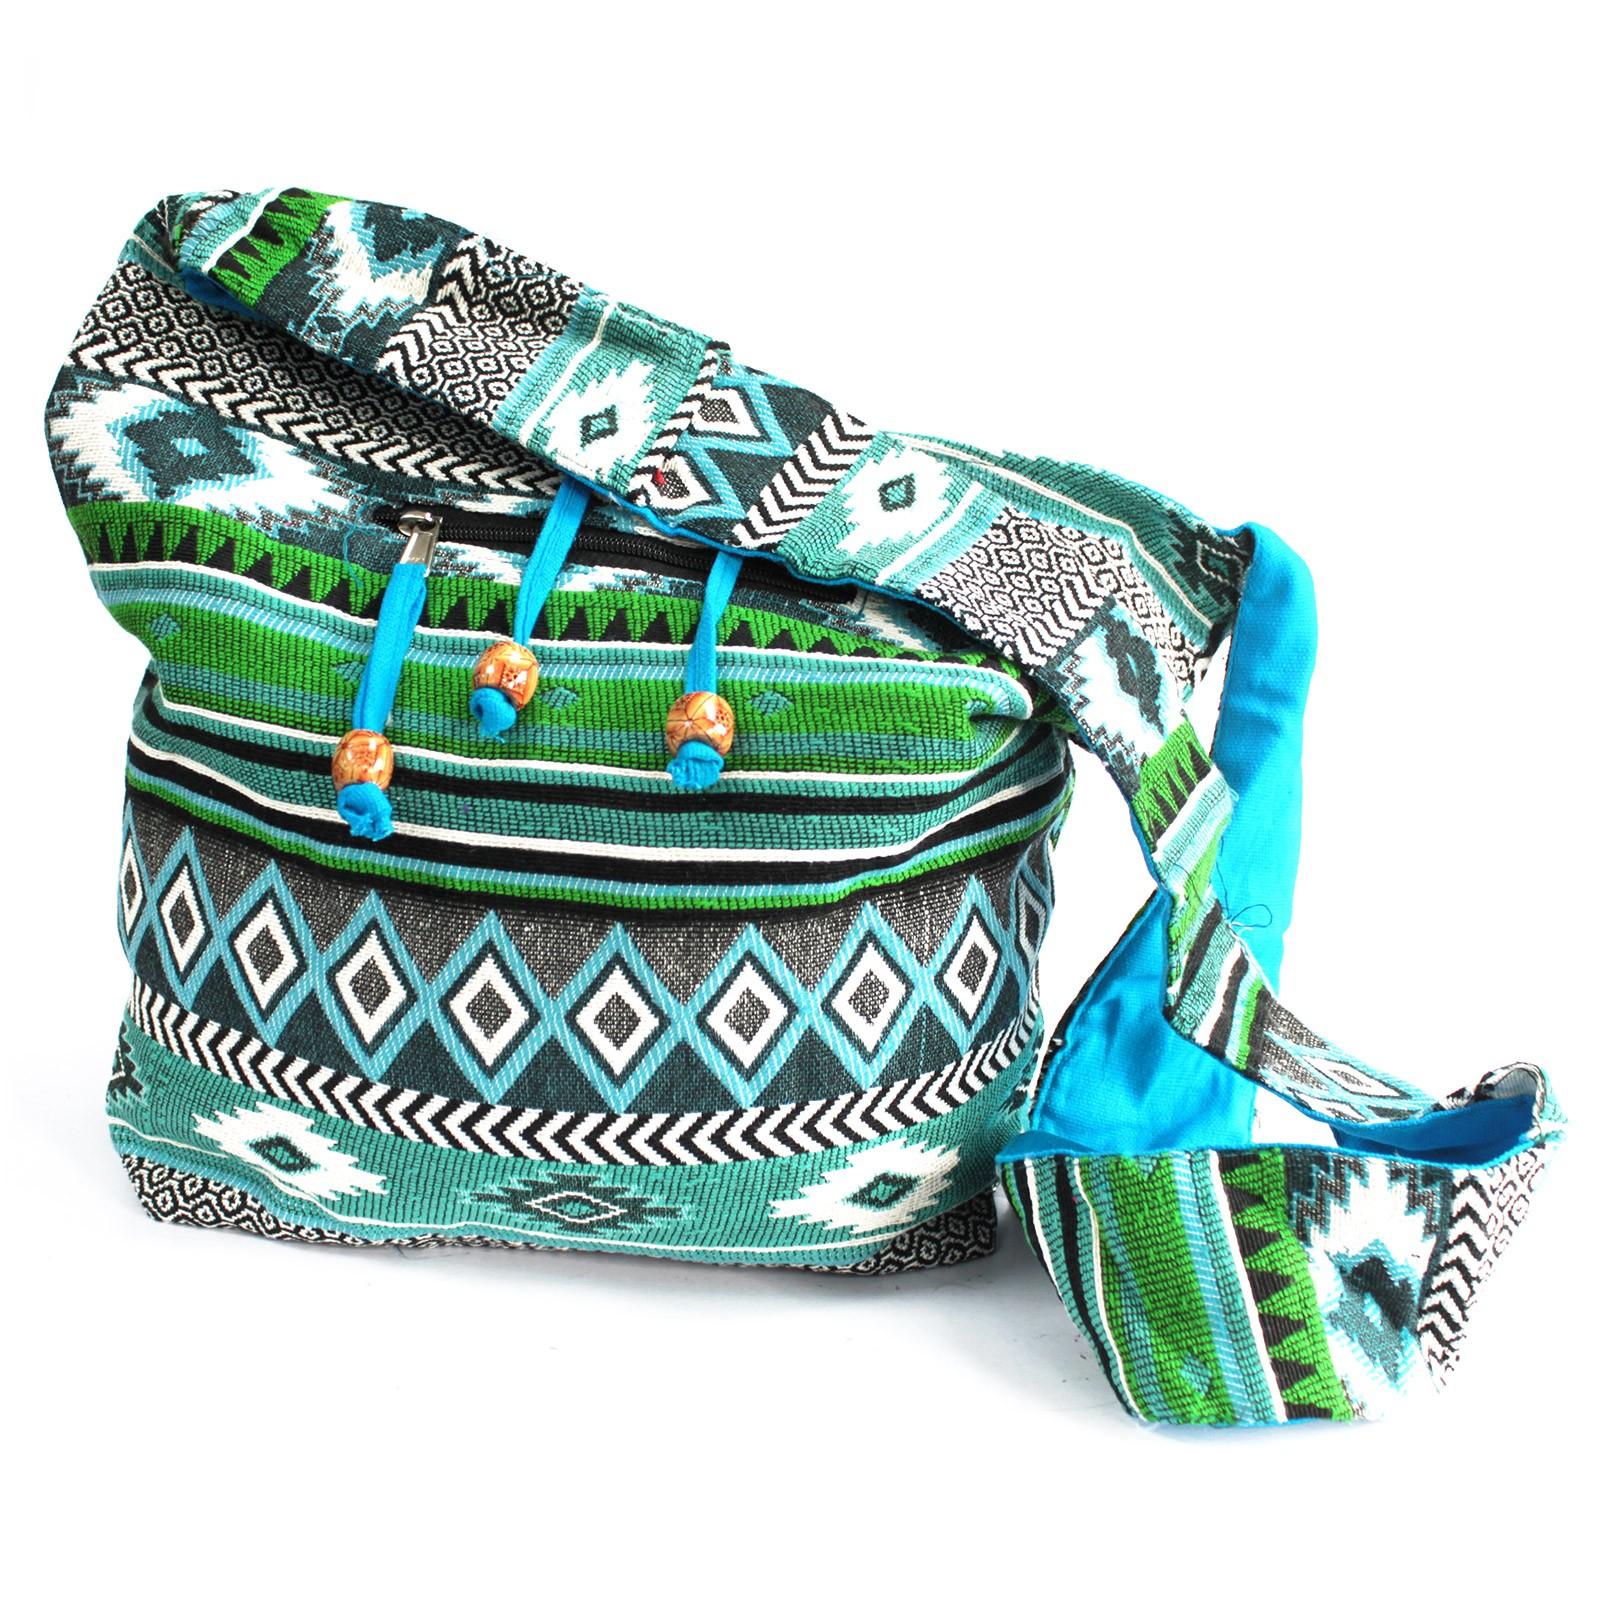 Jacquard Bag Teal Student Bag